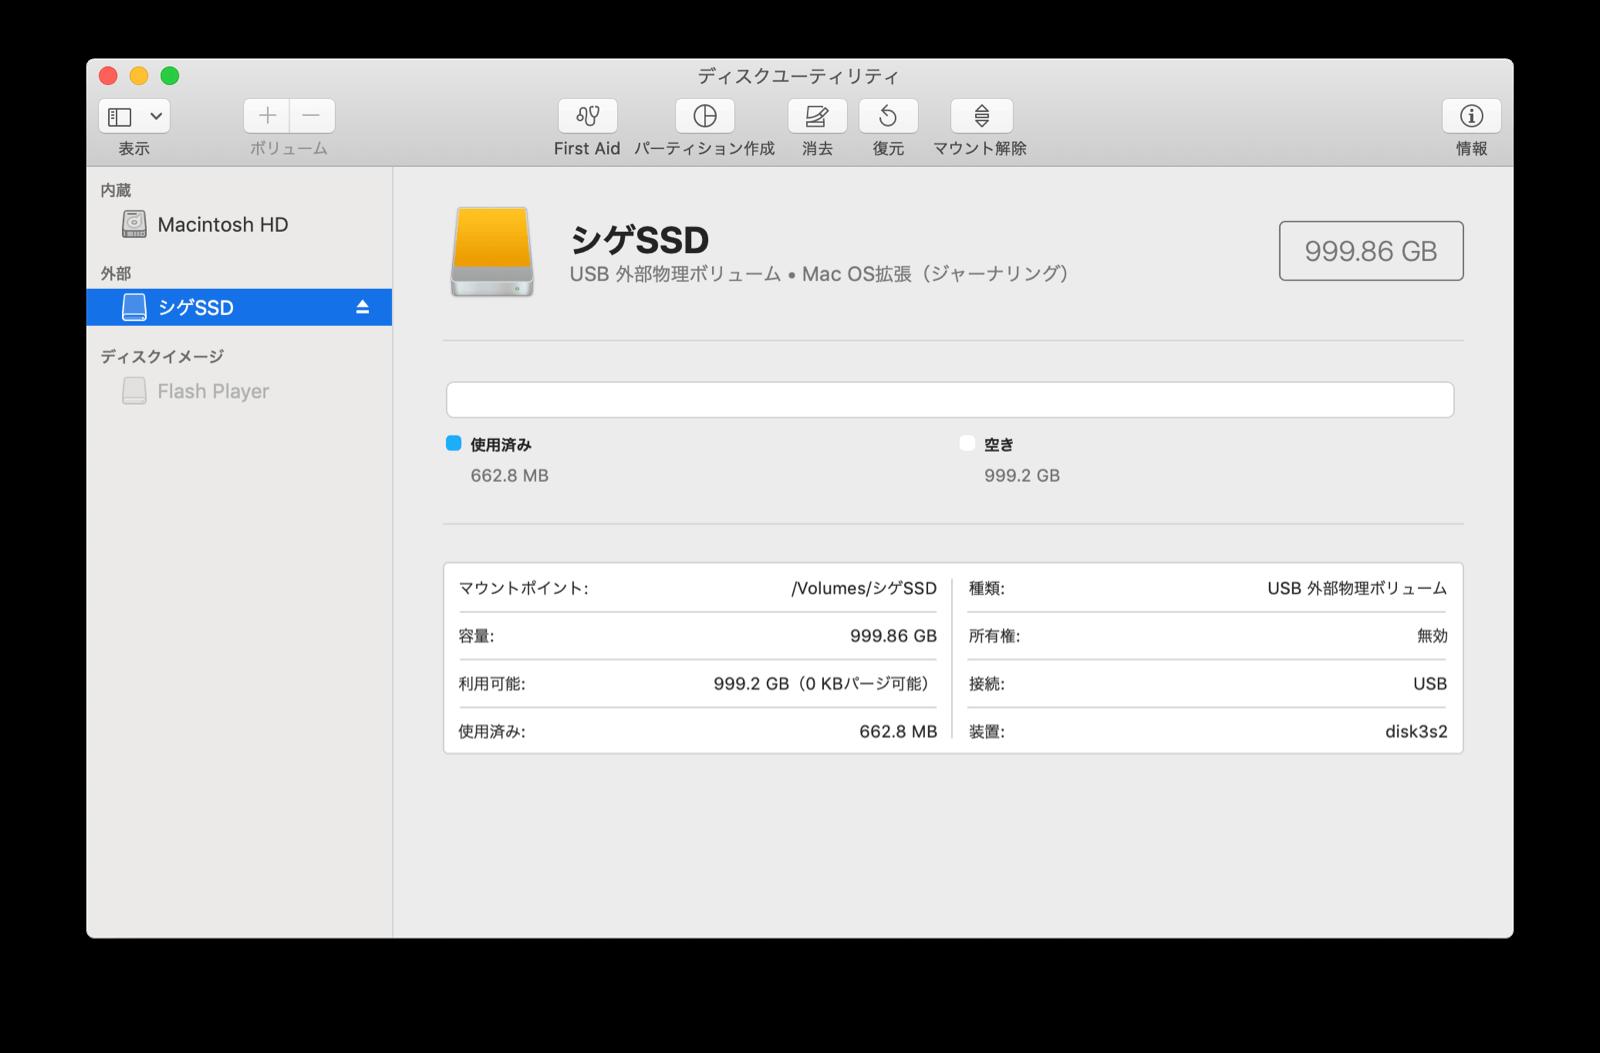 これでSSDが使用可能になった